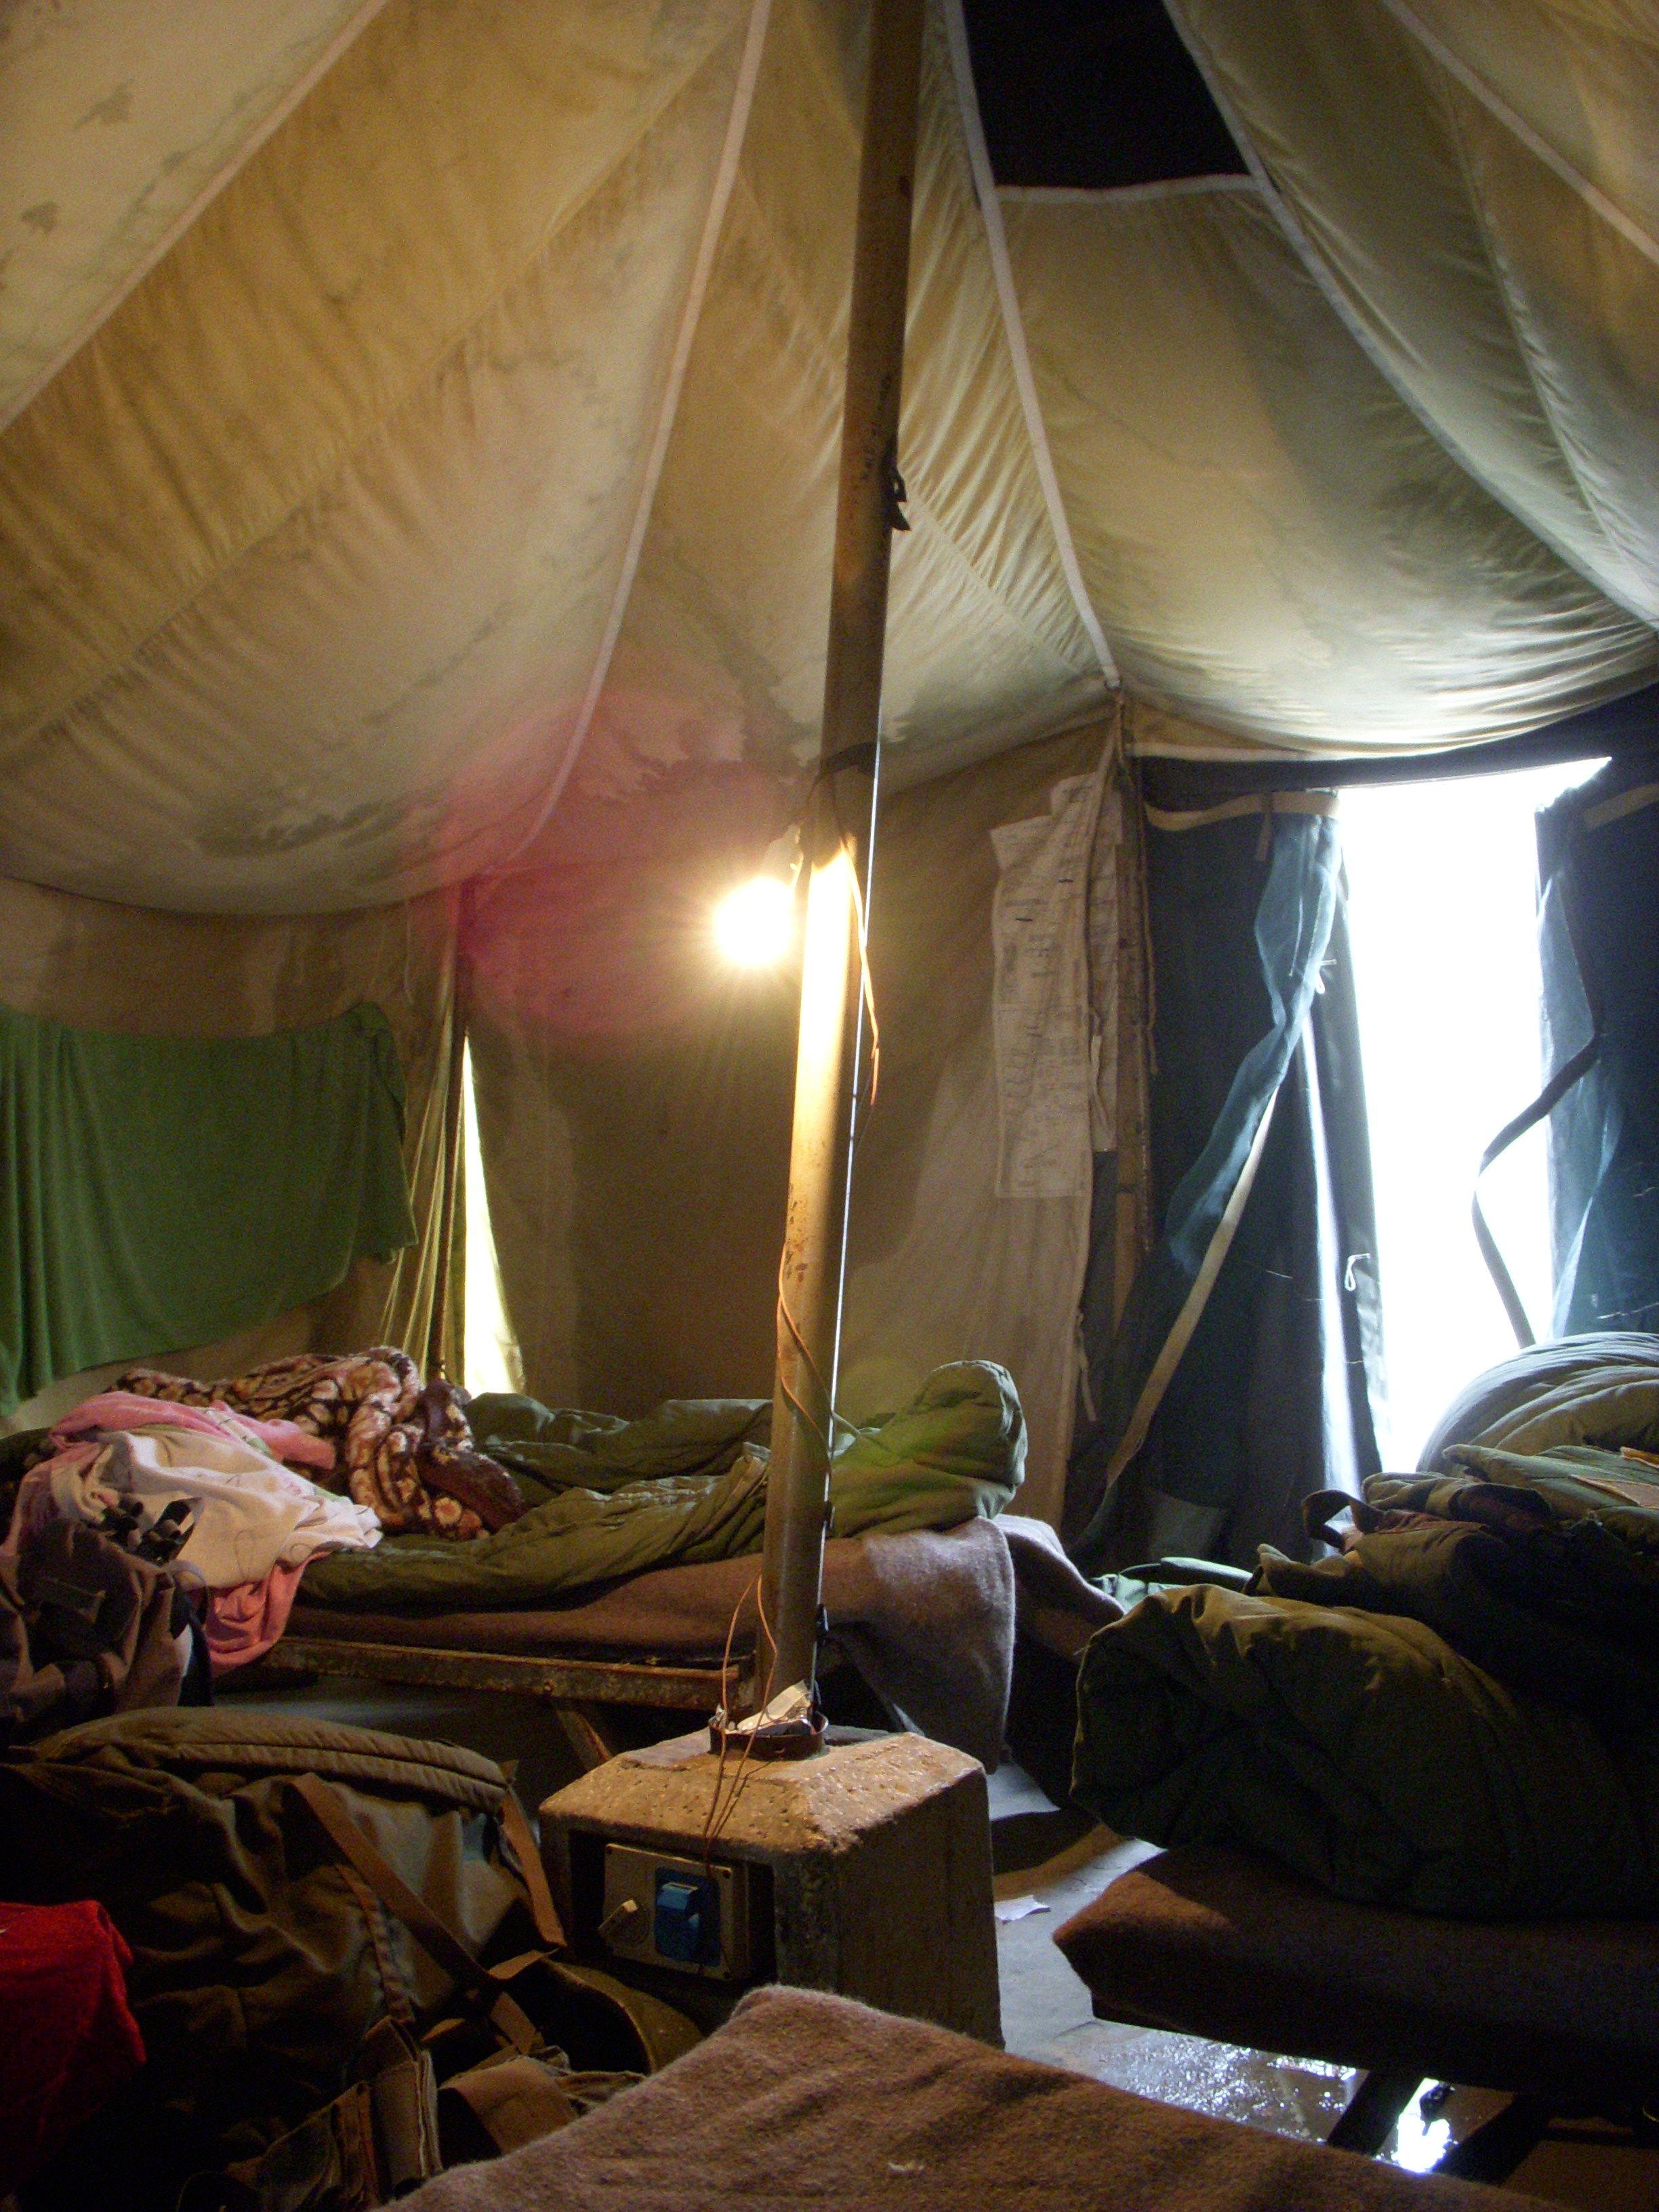 Pin by Ella on Board1 | Home decor, Decor, Tent